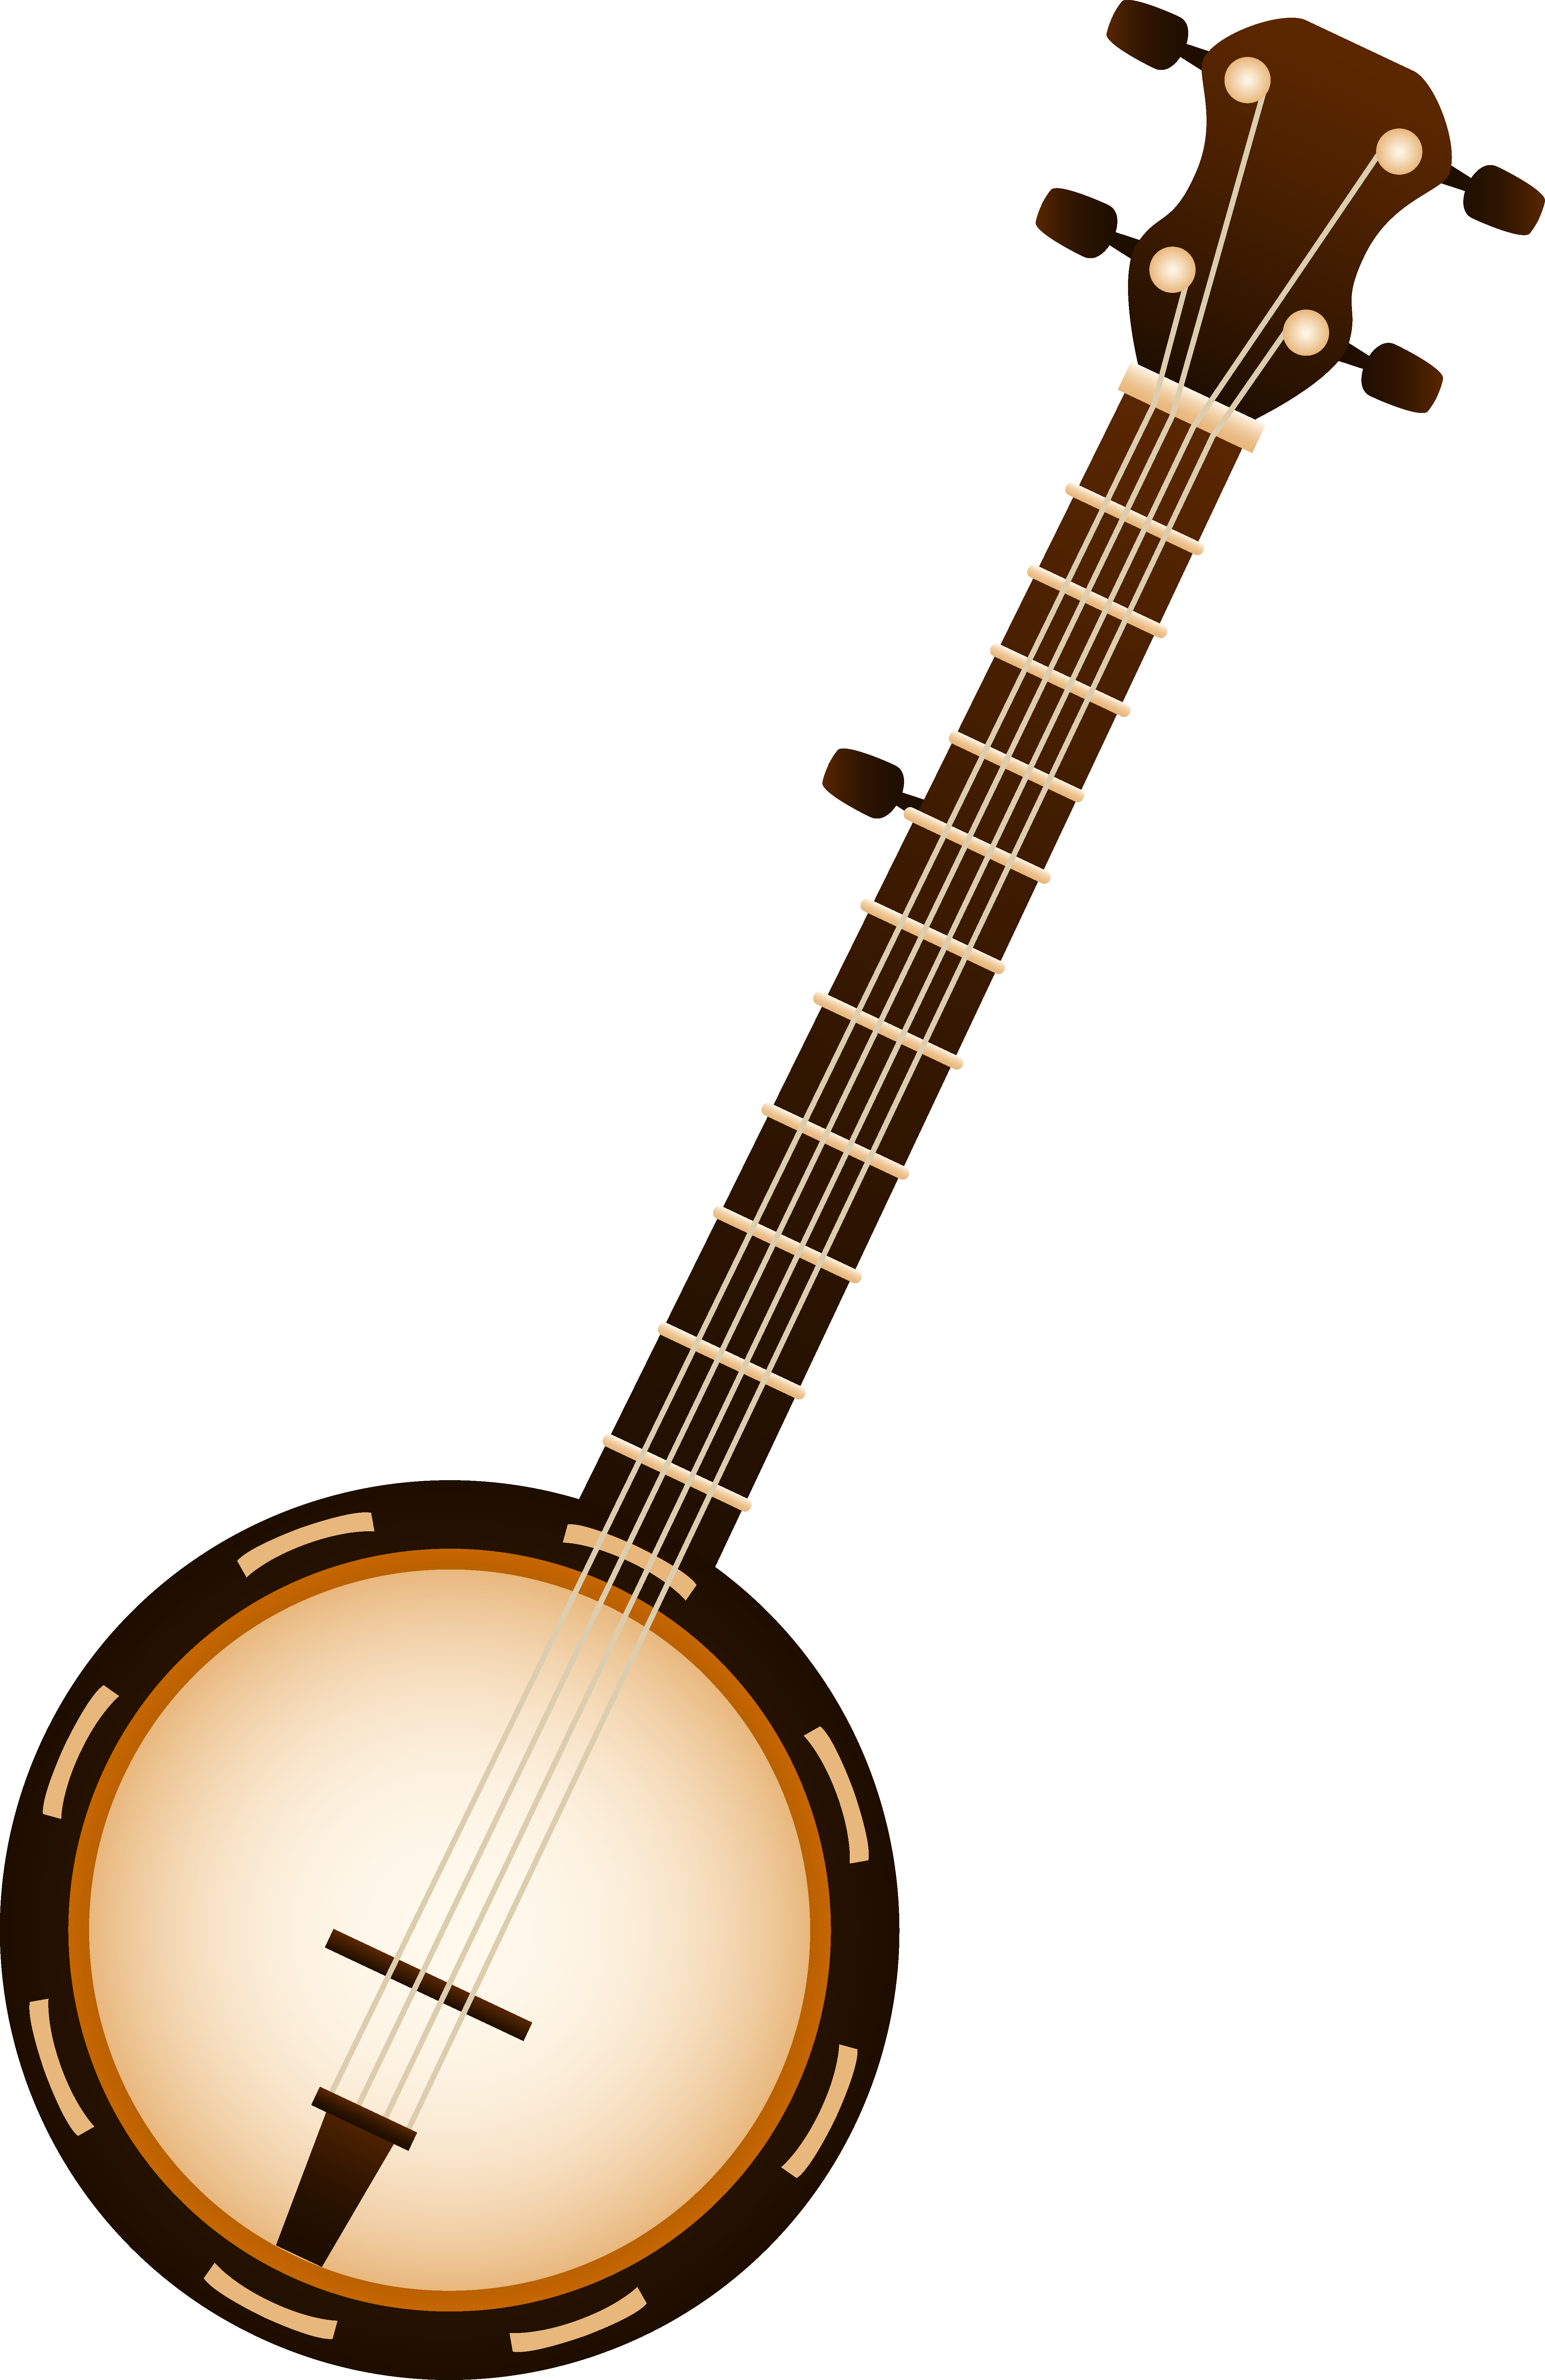 vector library stock Banjo Drawing at GetDrawings